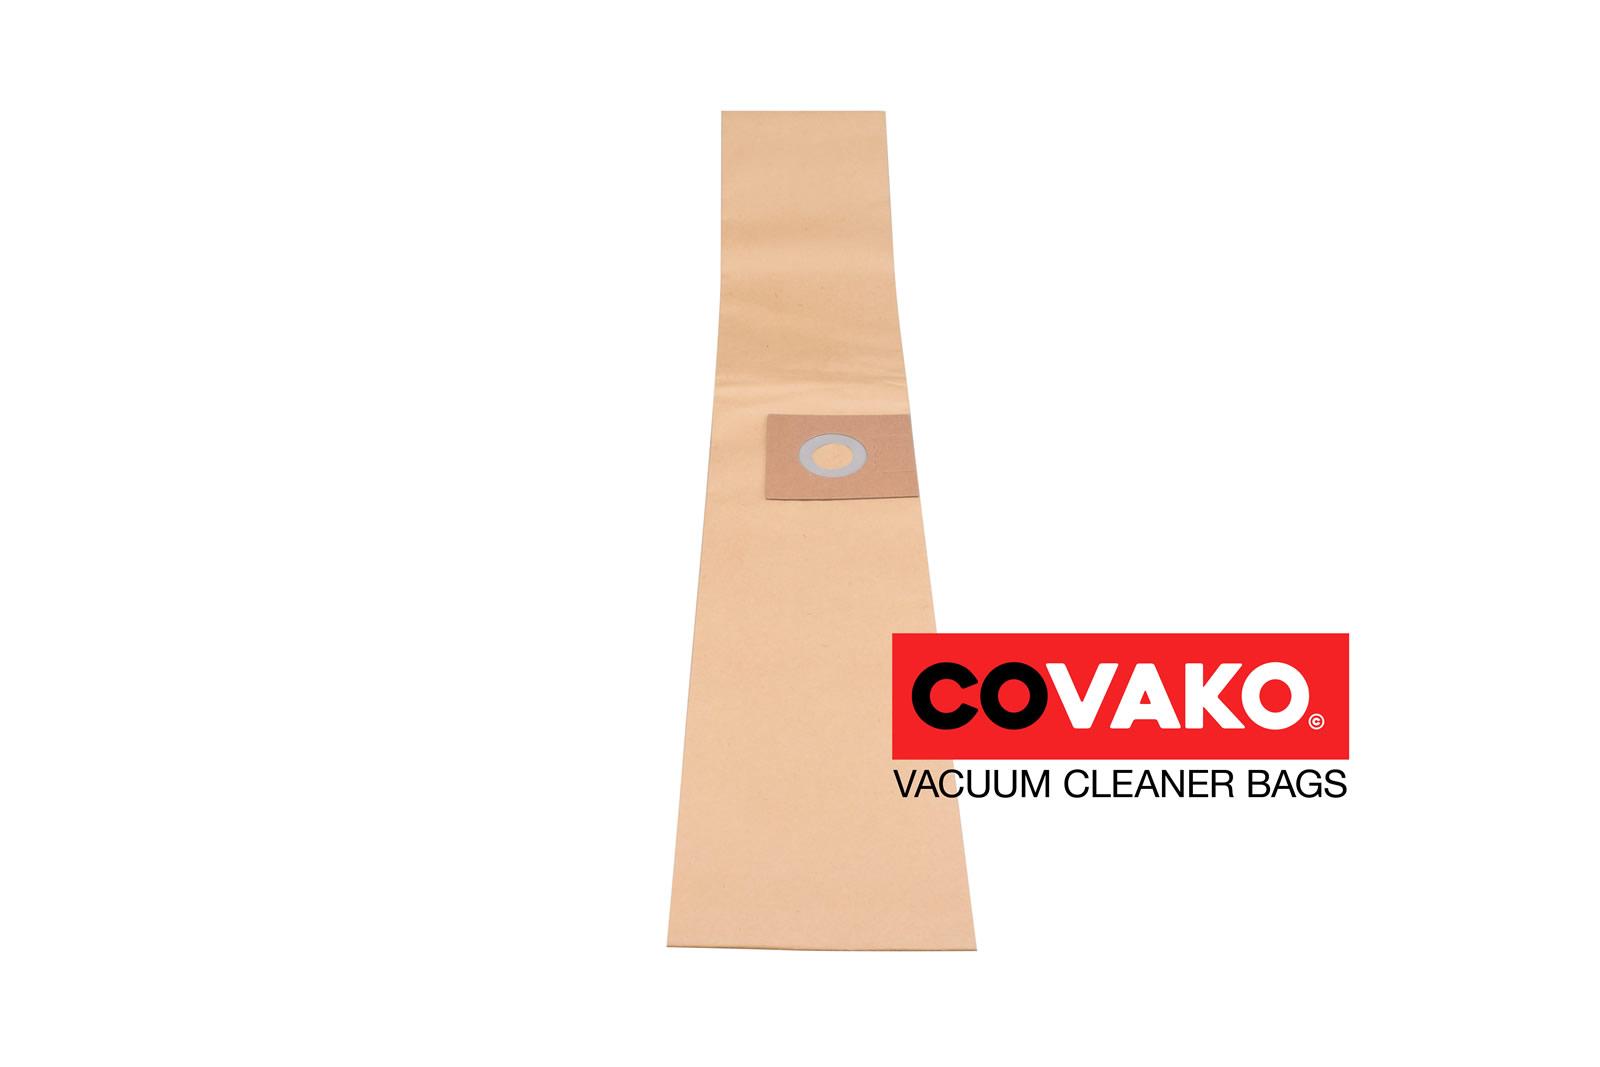 Kenter Micro S / Paper - Kenter vacuum cleaner bags